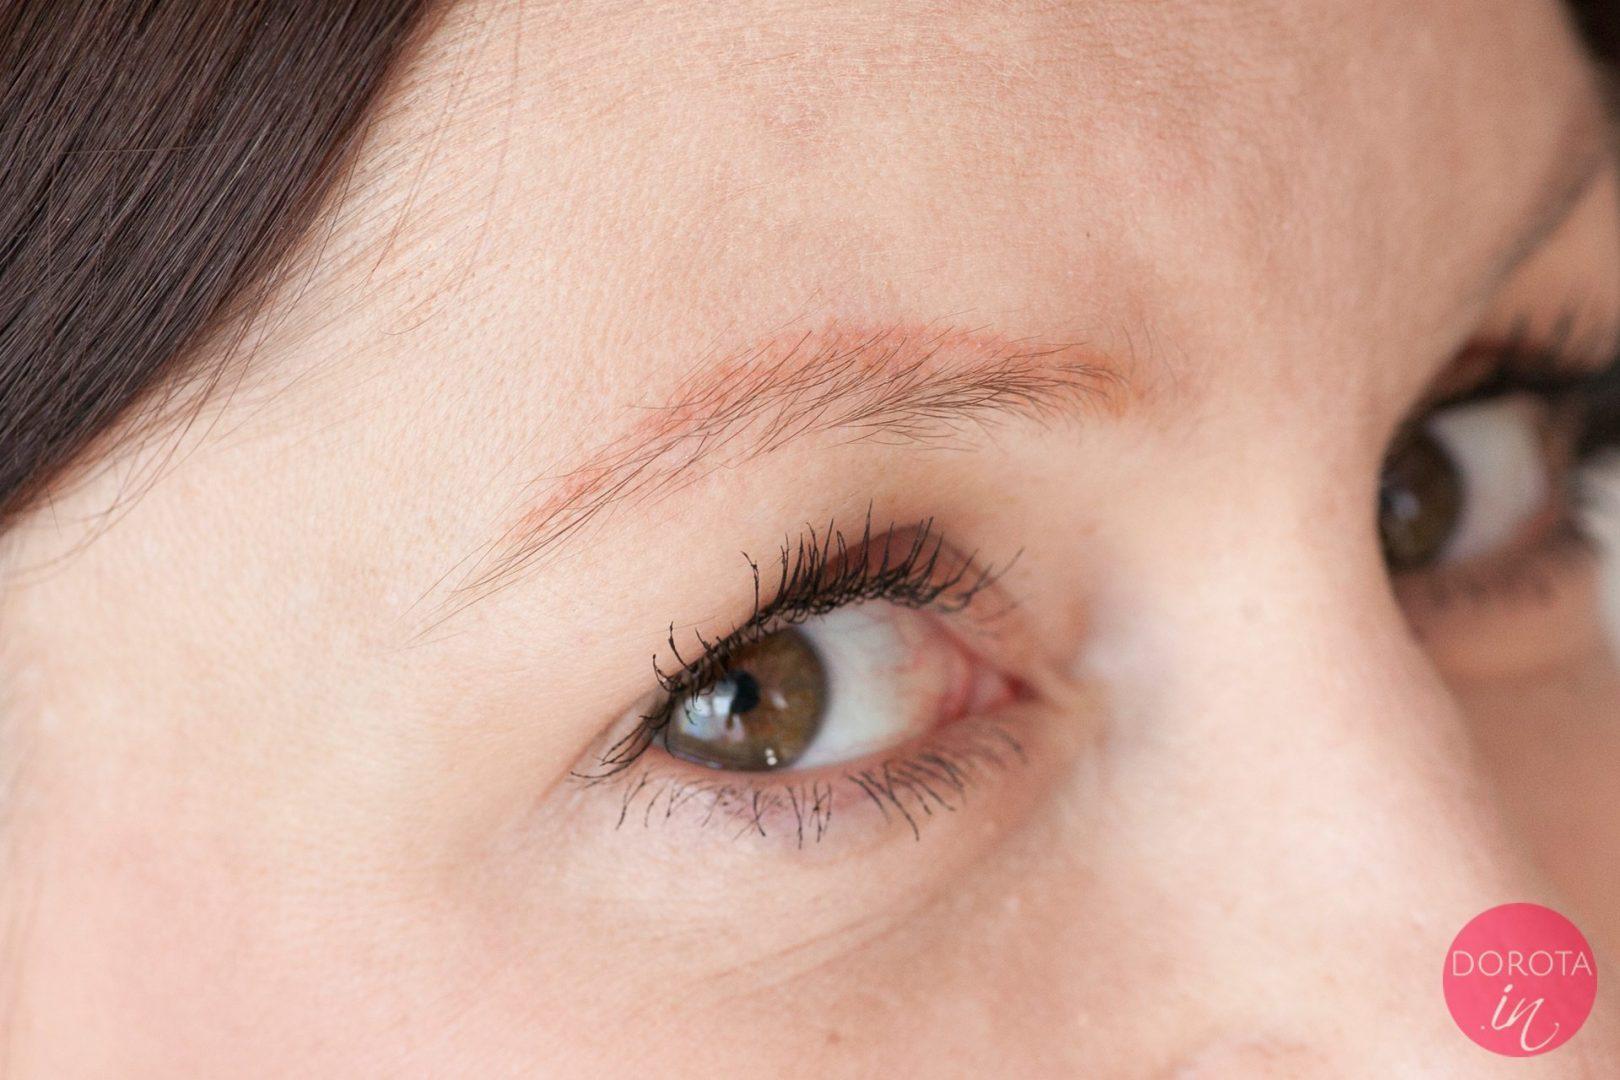 Makijaż permanentny brwi - nigdy więcej - 6 lat po | Dorota